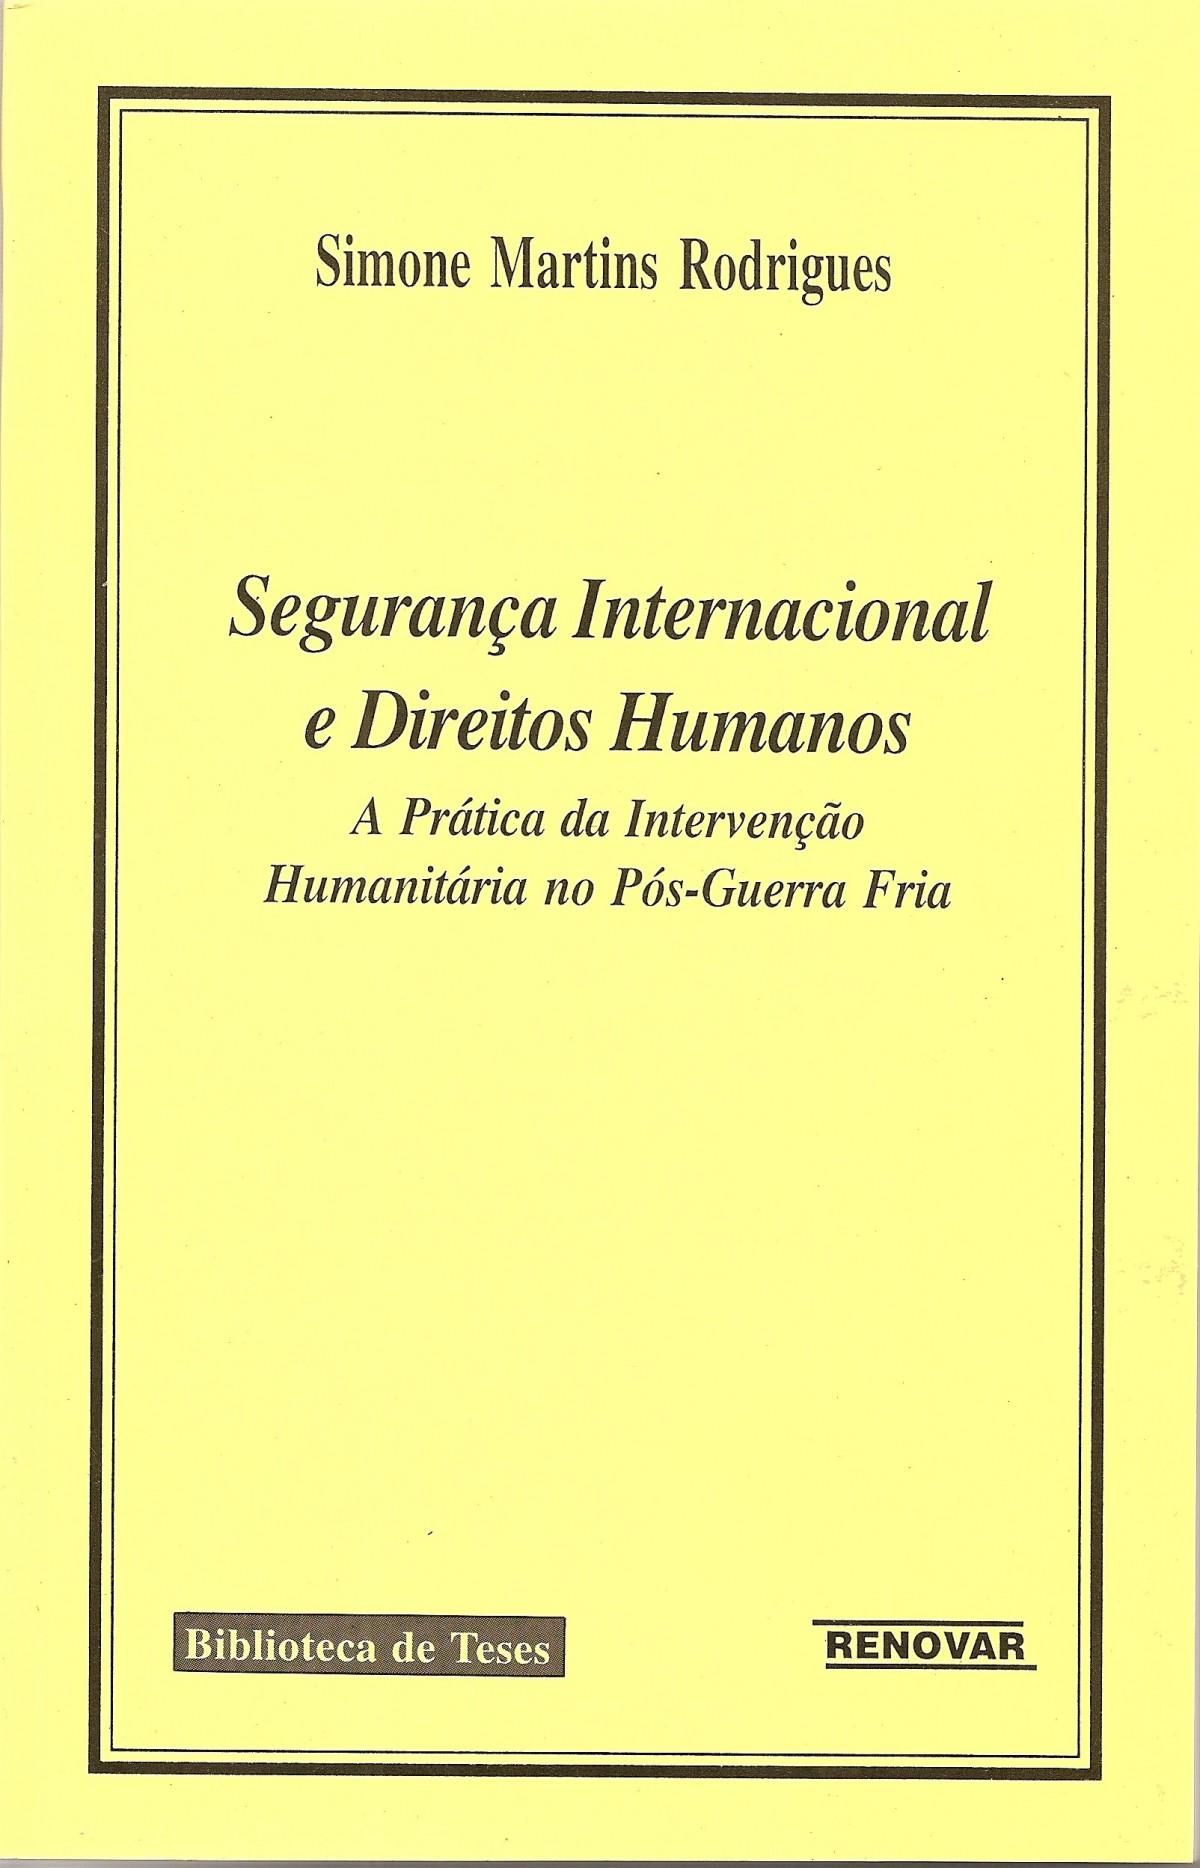 Foto 1 - Segurança Internacional e Direitos Humanos